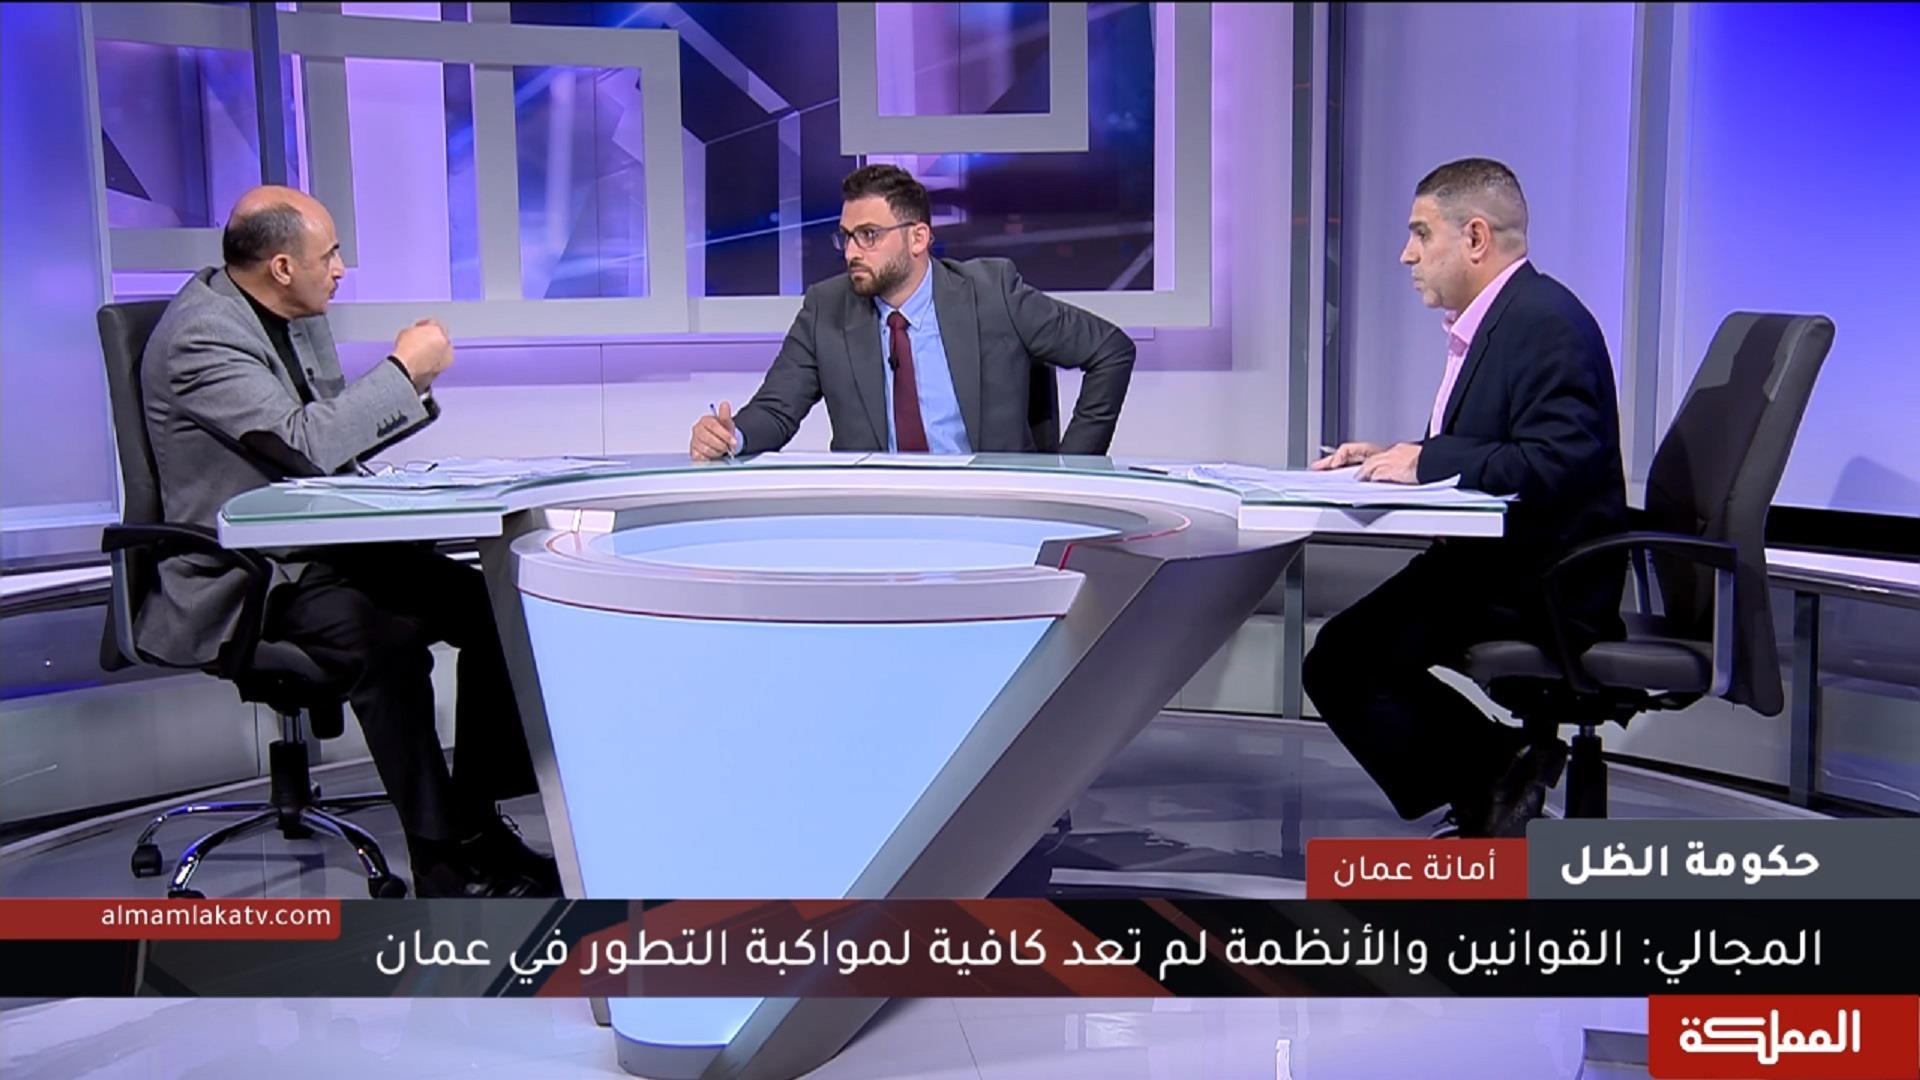 حكومة الظل   جدل حول مسودة قانون أمانة عمّان